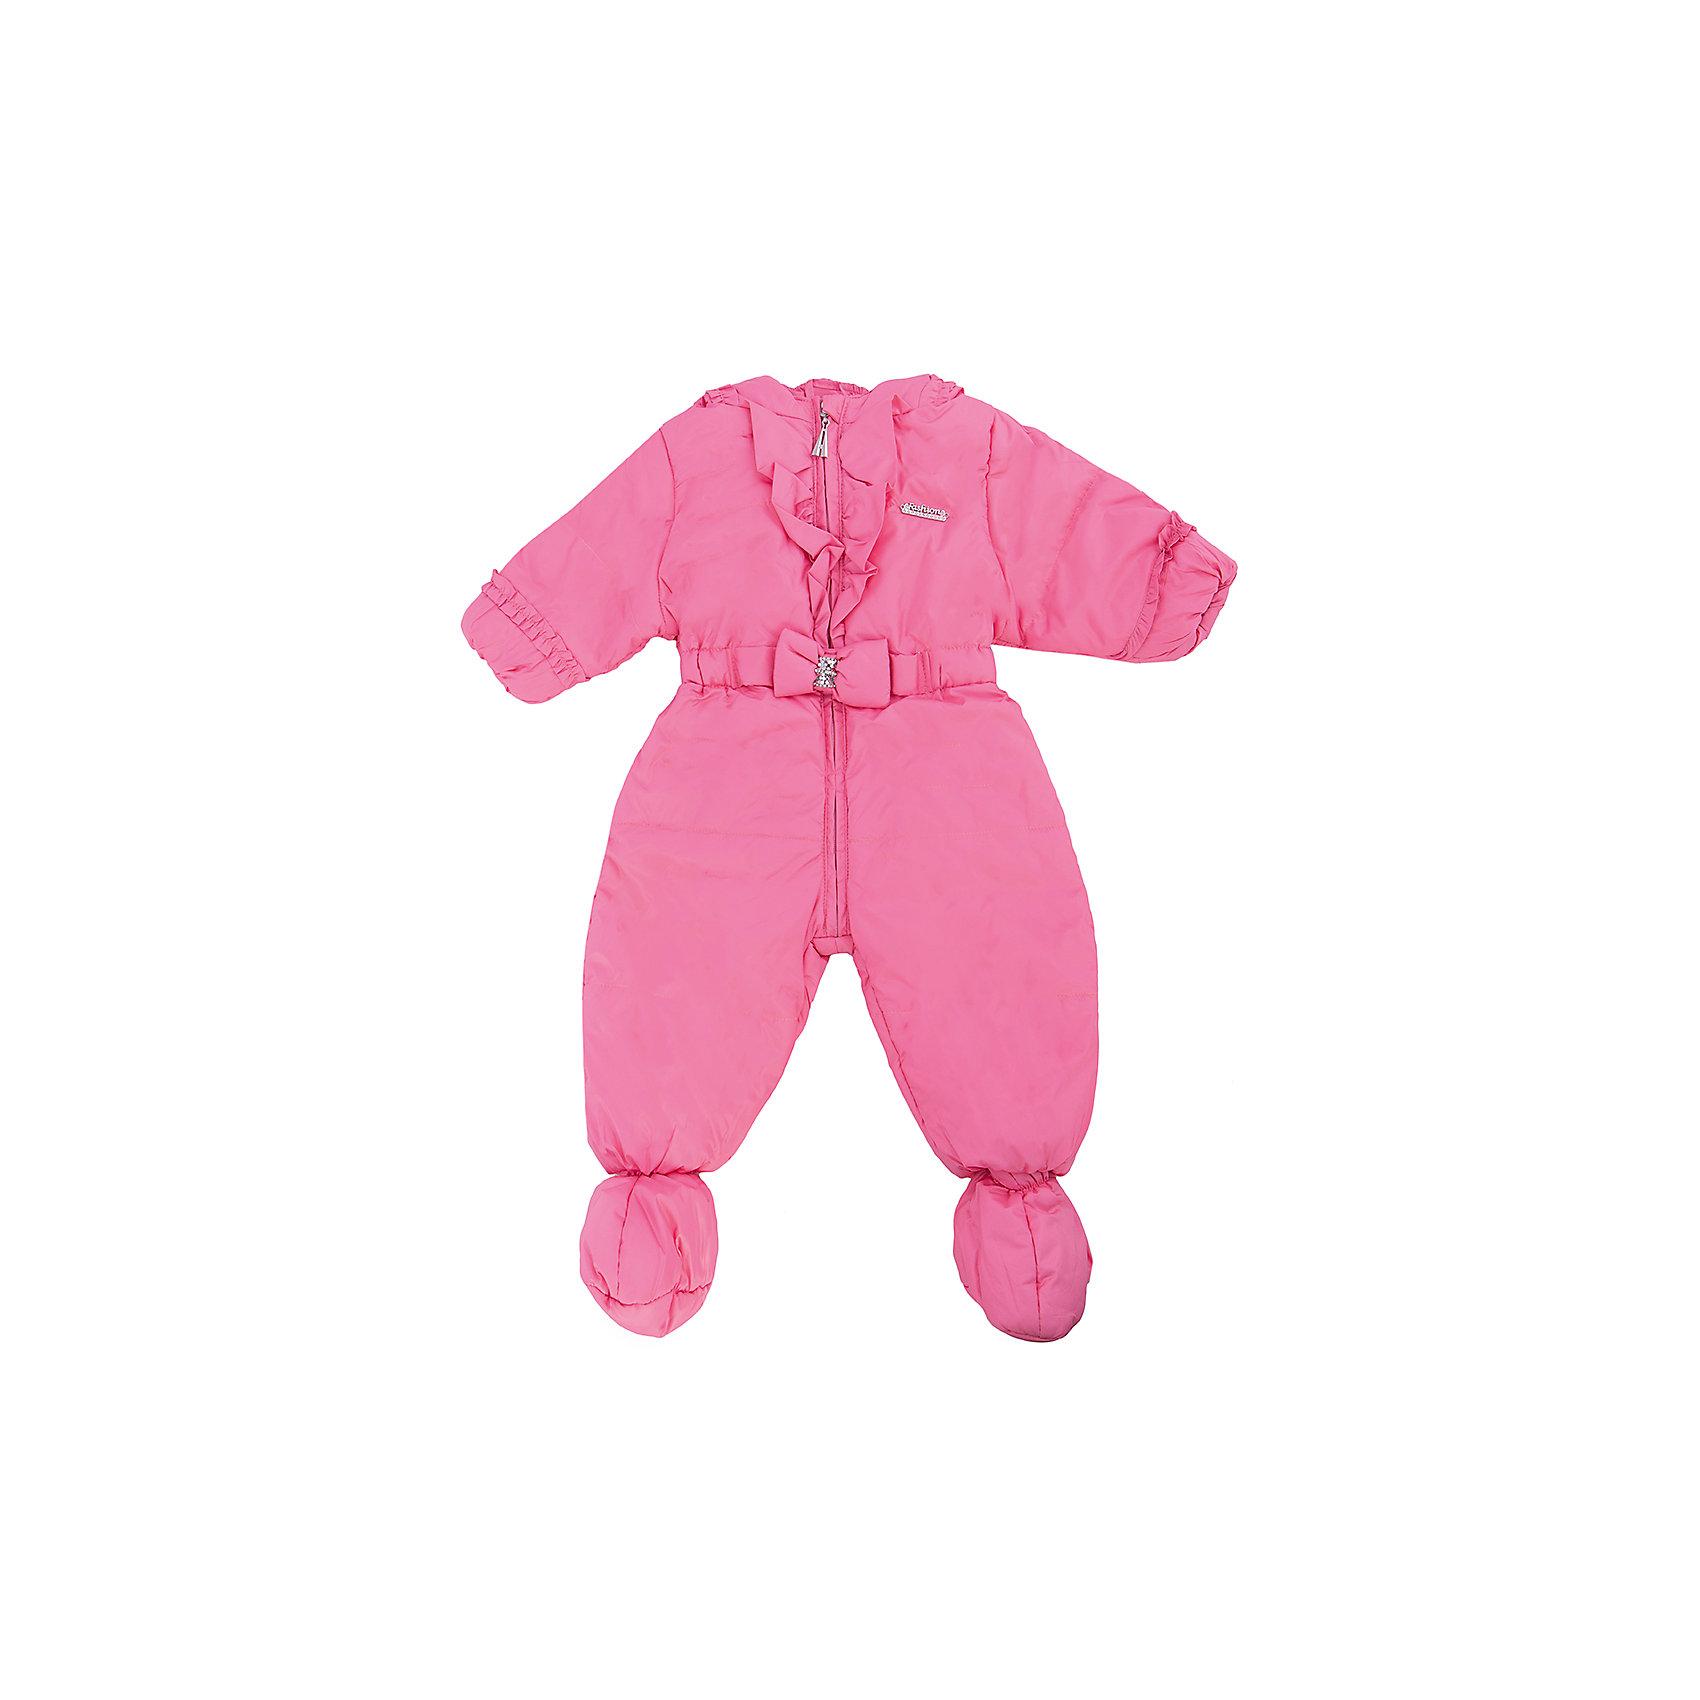 Комбинезон для девочки АртельКомбинезон для девочки от торговой марки Артель &#13;<br>&#13;<br>Симпатичный розовый комбинезон создан специально для девочек. Изделие выполнено из качественных материалов, имеет удобные карманы и капюшон. Отличный вариант для переменной погоды межсезонья!&#13;<br>Одежда от бренда Артель – это высокое качество по приемлемой цене и всегда продуманный дизайн. &#13;<br>&#13;<br>Особенности модели: &#13;<br>- цвет - розовый;&#13;<br>- в комплекте съемный пояс с резинкой;&#13;<br>- наличие капюшона;&#13;<br>- утеплитель;&#13;<br>- отделка бантом;&#13;<br>- украшен бантом и рюшами;<br>- пинетки отстегиваются;<br>- застежка-молния.&#13;<br>&#13;<br>Дополнительная информация:&#13;<br>&#13;<br>Состав: &#13;<br>- верх: YSD;<br>- подкладка: хлопок интерлок;<br>- утеплитель: TermoFinn 100 г.<br><br>&#13;<br>Температурный режим: &#13;<br>от -10 °C до + 10 °C&#13;<br>&#13;<br>Комбинезон для девочки Артель (Artel) можно купить в нашем магазине.<br><br>Ширина мм: 356<br>Глубина мм: 10<br>Высота мм: 245<br>Вес г: 519<br>Цвет: розовый<br>Возраст от месяцев: 12<br>Возраст до месяцев: 15<br>Пол: Женский<br>Возраст: Детский<br>Размер: 80,74,68<br>SKU: 4495957